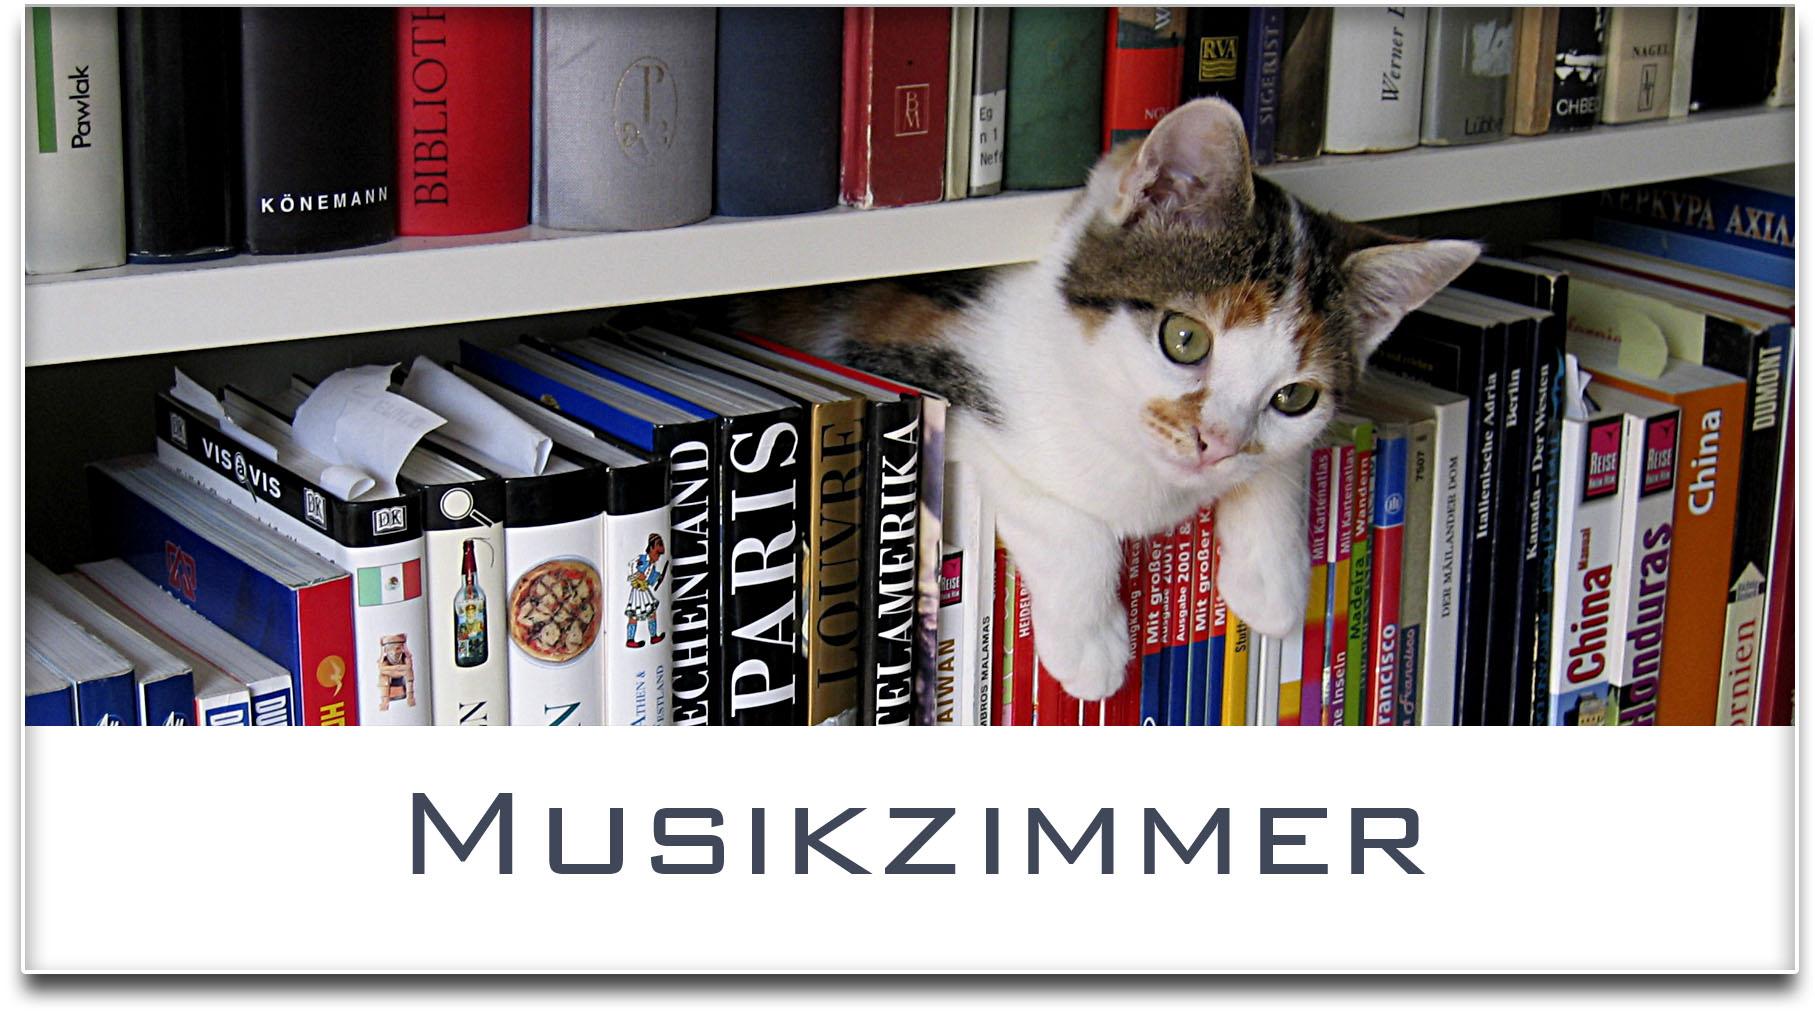 Türschild / Haustürschild / Katze / Bücherregal / Musikzimmer / Selbstklebend